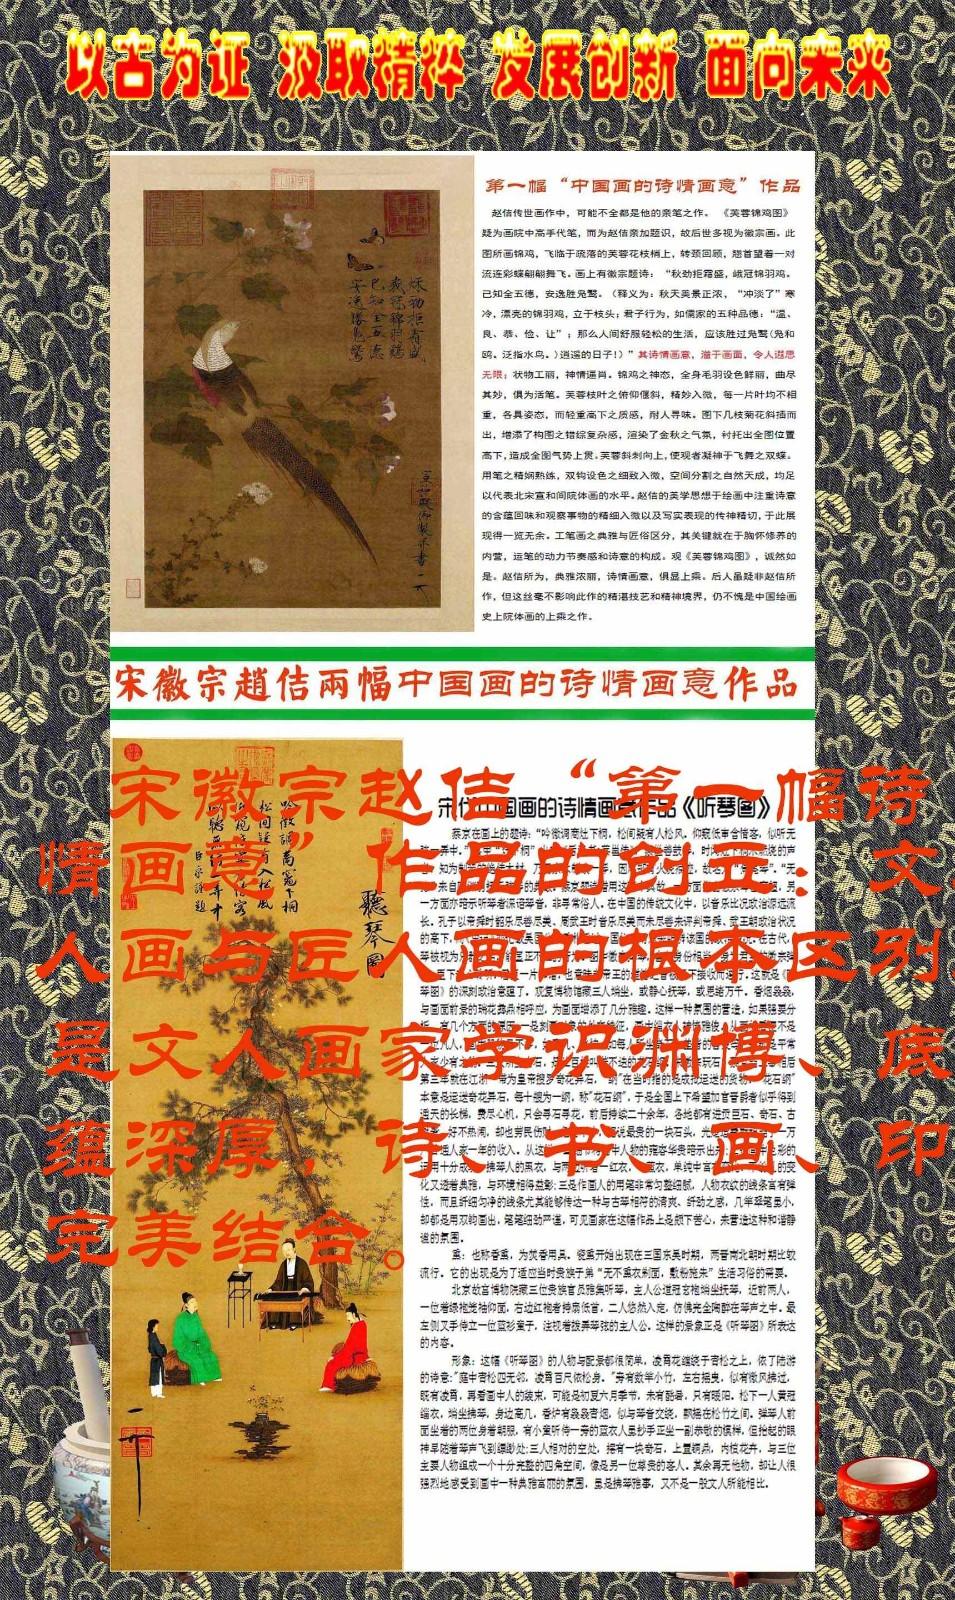 """""""顾绍骅的诗情画意""""《百家号》带你领略中国画史_图1-4"""